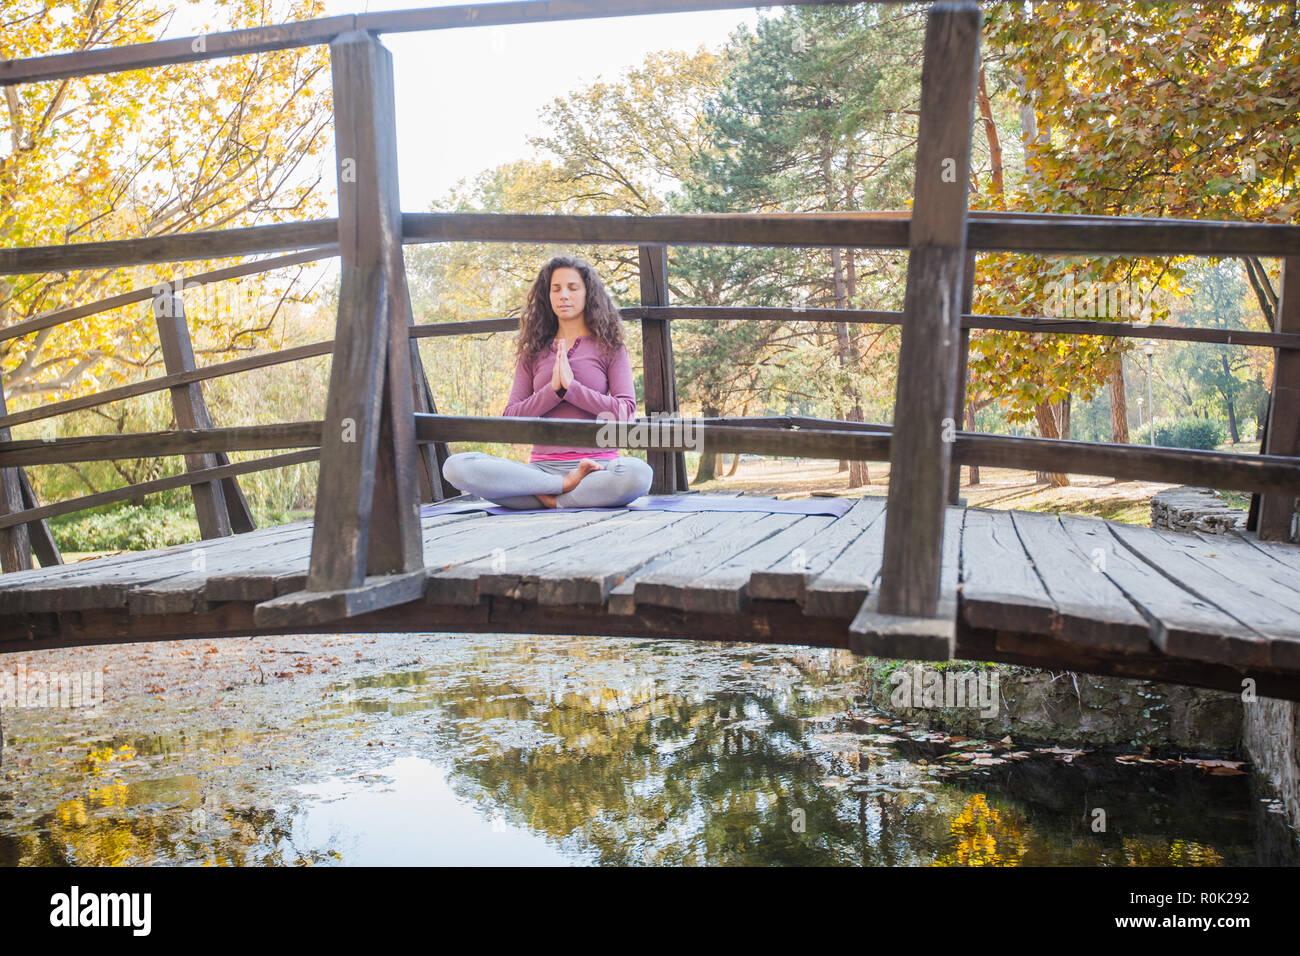 Bella giovane donna in una posa meditativa sul ponte di legno al parco. Sani di sesso femminile facendo esercizi yoga padmasana, Lotus pongono, Autunno mattina di sole. Foto Stock